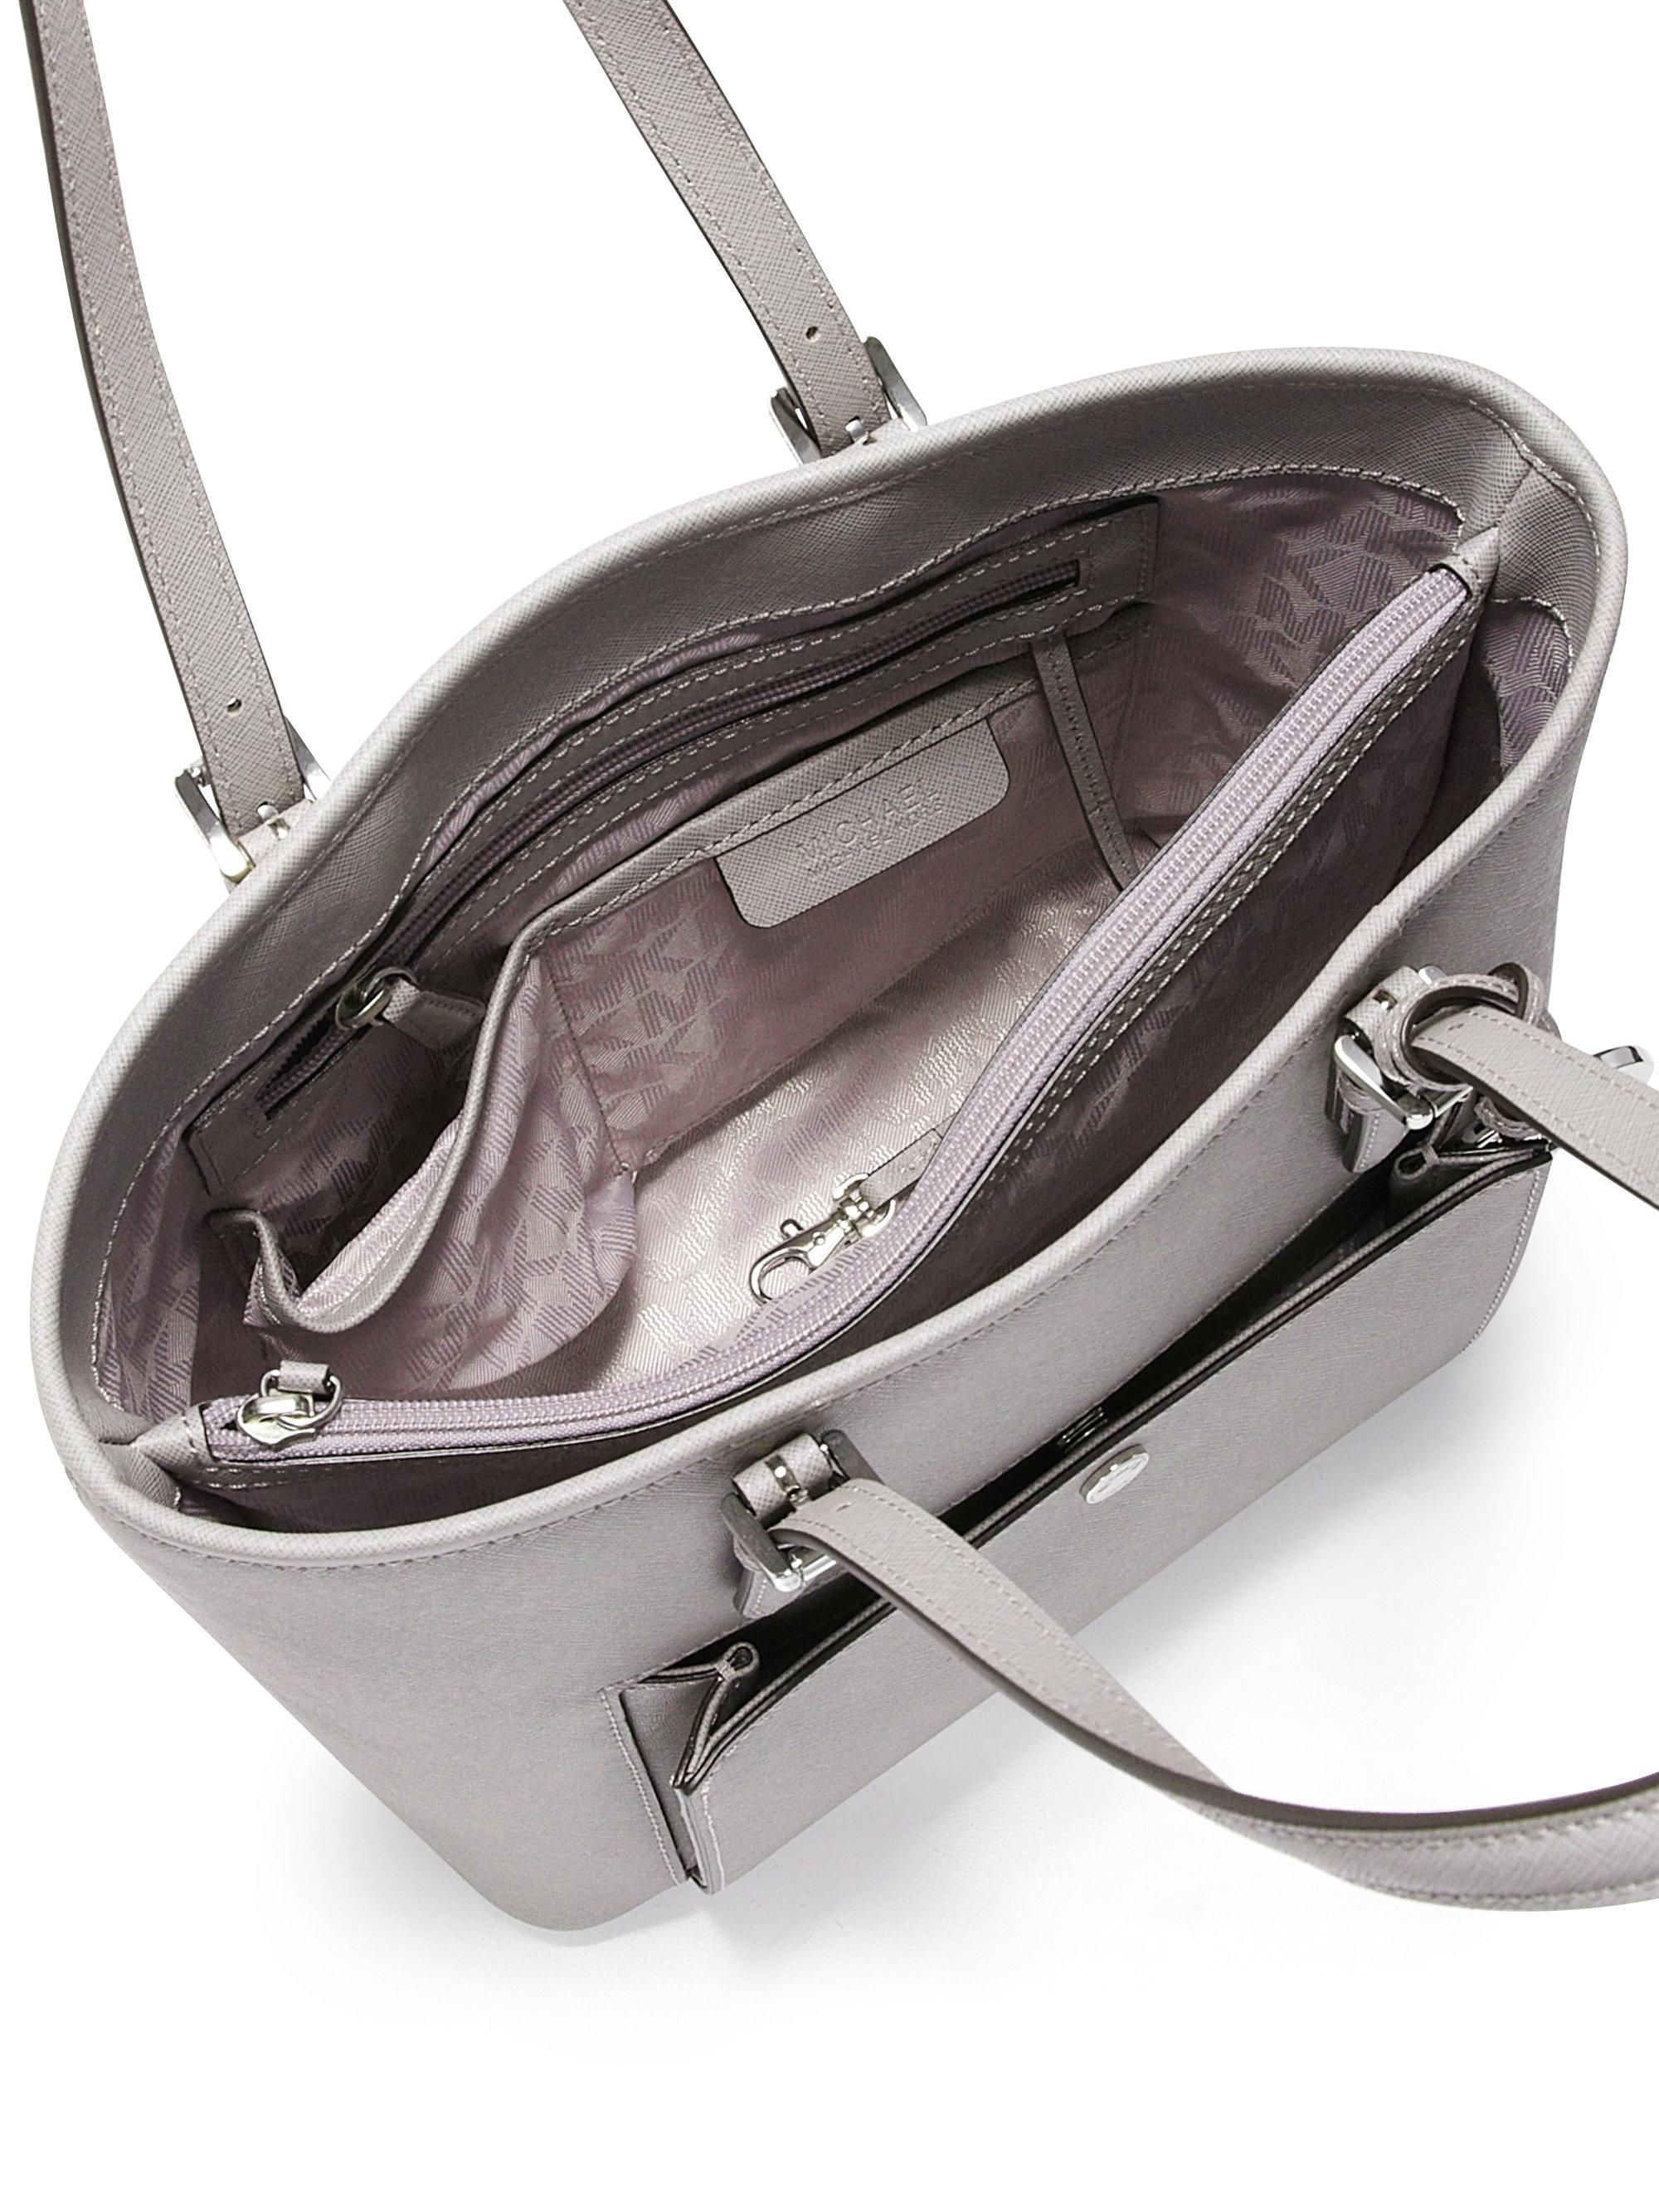 5f3d46de171a MICHAEL Michael Kors Jet Set Medium Saffiano Leather Snap-pocket ...